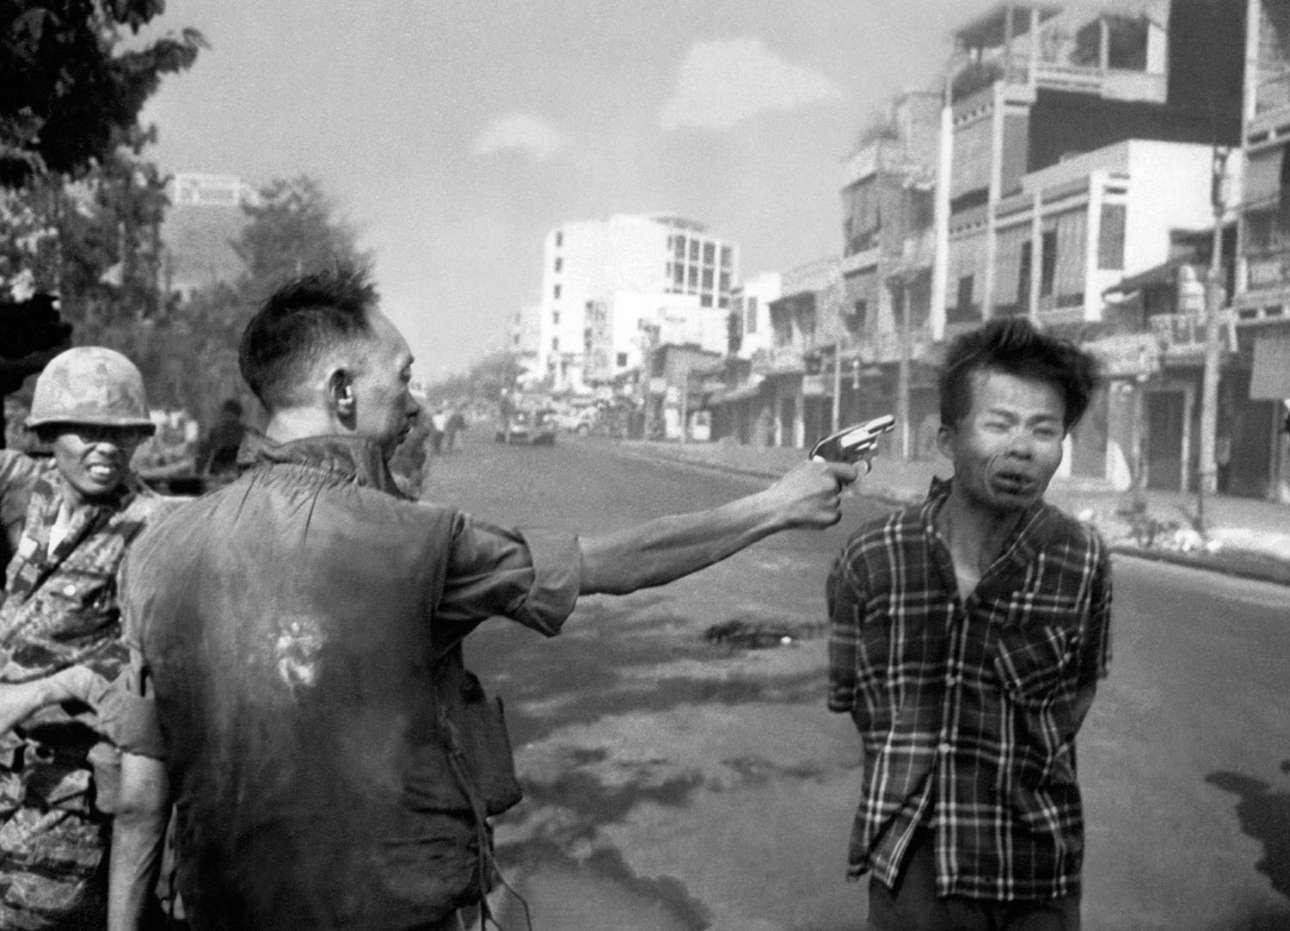 Ενα συγκλονιστικό καρέ από το 1968 που έγινε σύμβολο της σκληρότητας του πολέμου στο Βιετνάμ: o στρατηγός και αρχηγός της νοτιοβιετναμικής αστυνομίας Nguyen Ngoc Loan εκτελεί εν ψυχρώ τον Βιετκόνγκ αξιωματικό Nguyen Van Lem σε δρόμο της Σαϊγκόν, την 1η Φεβρουαρίου του 1968. Η συγκεκριμένη φωτογραφία «κυνηγούσε» τον διαβόητο στρατηγό για όλη του τη ζωή: το 1975 μετακόμισε στις ΗΠΑ και άνοιξε πιτσαρία